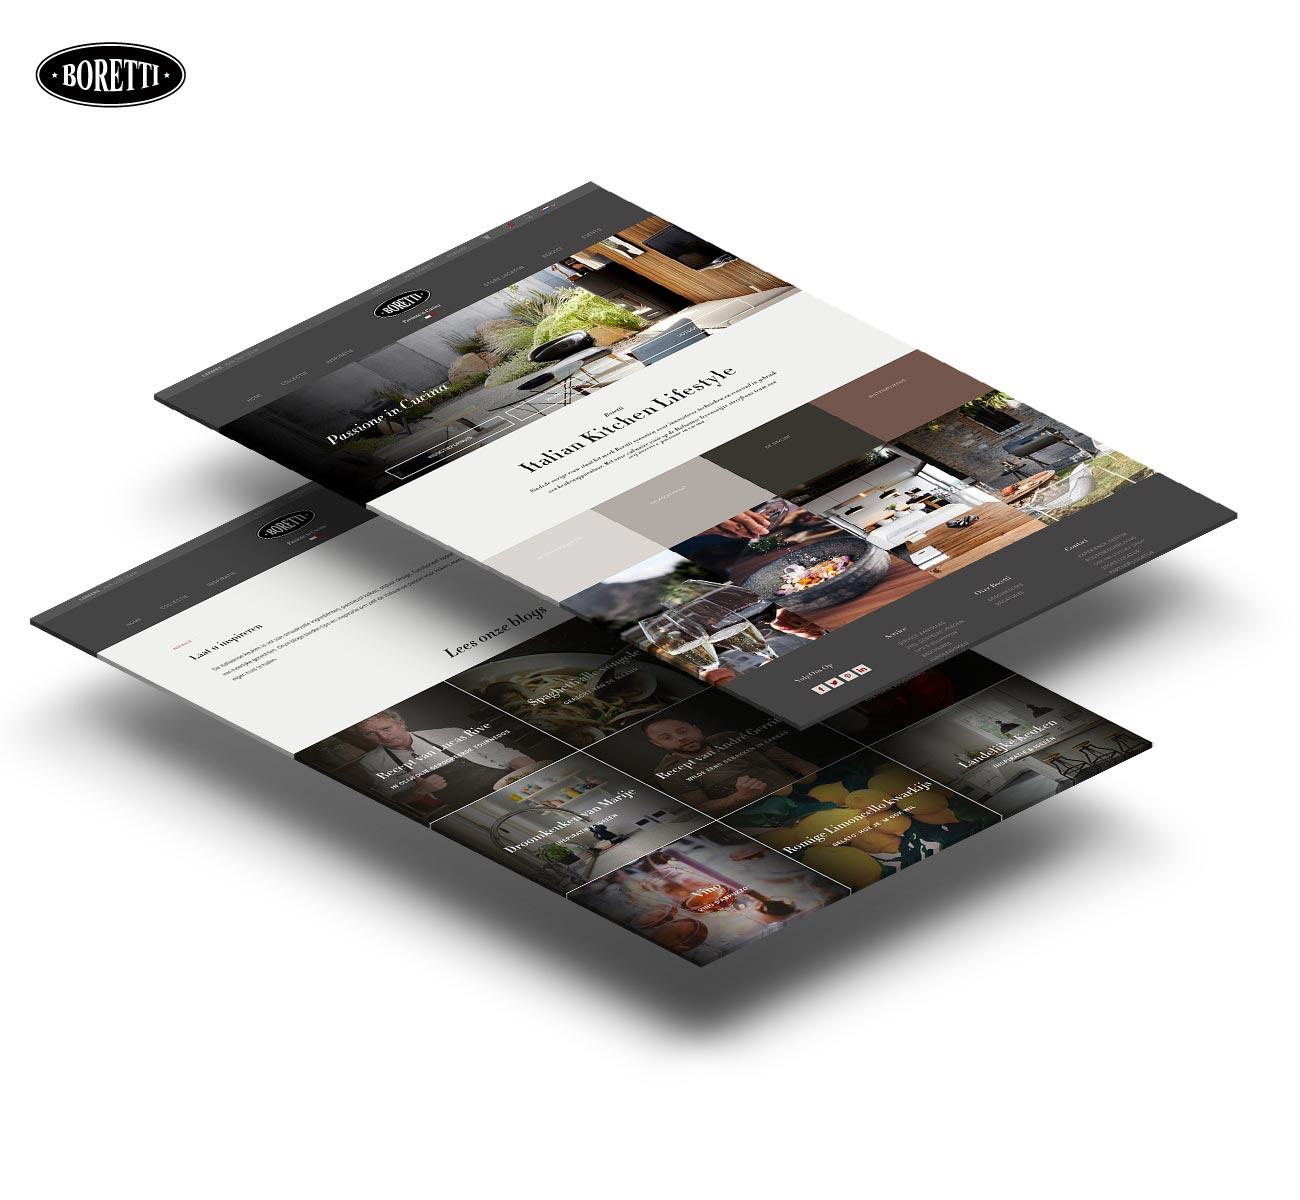 Boretti website